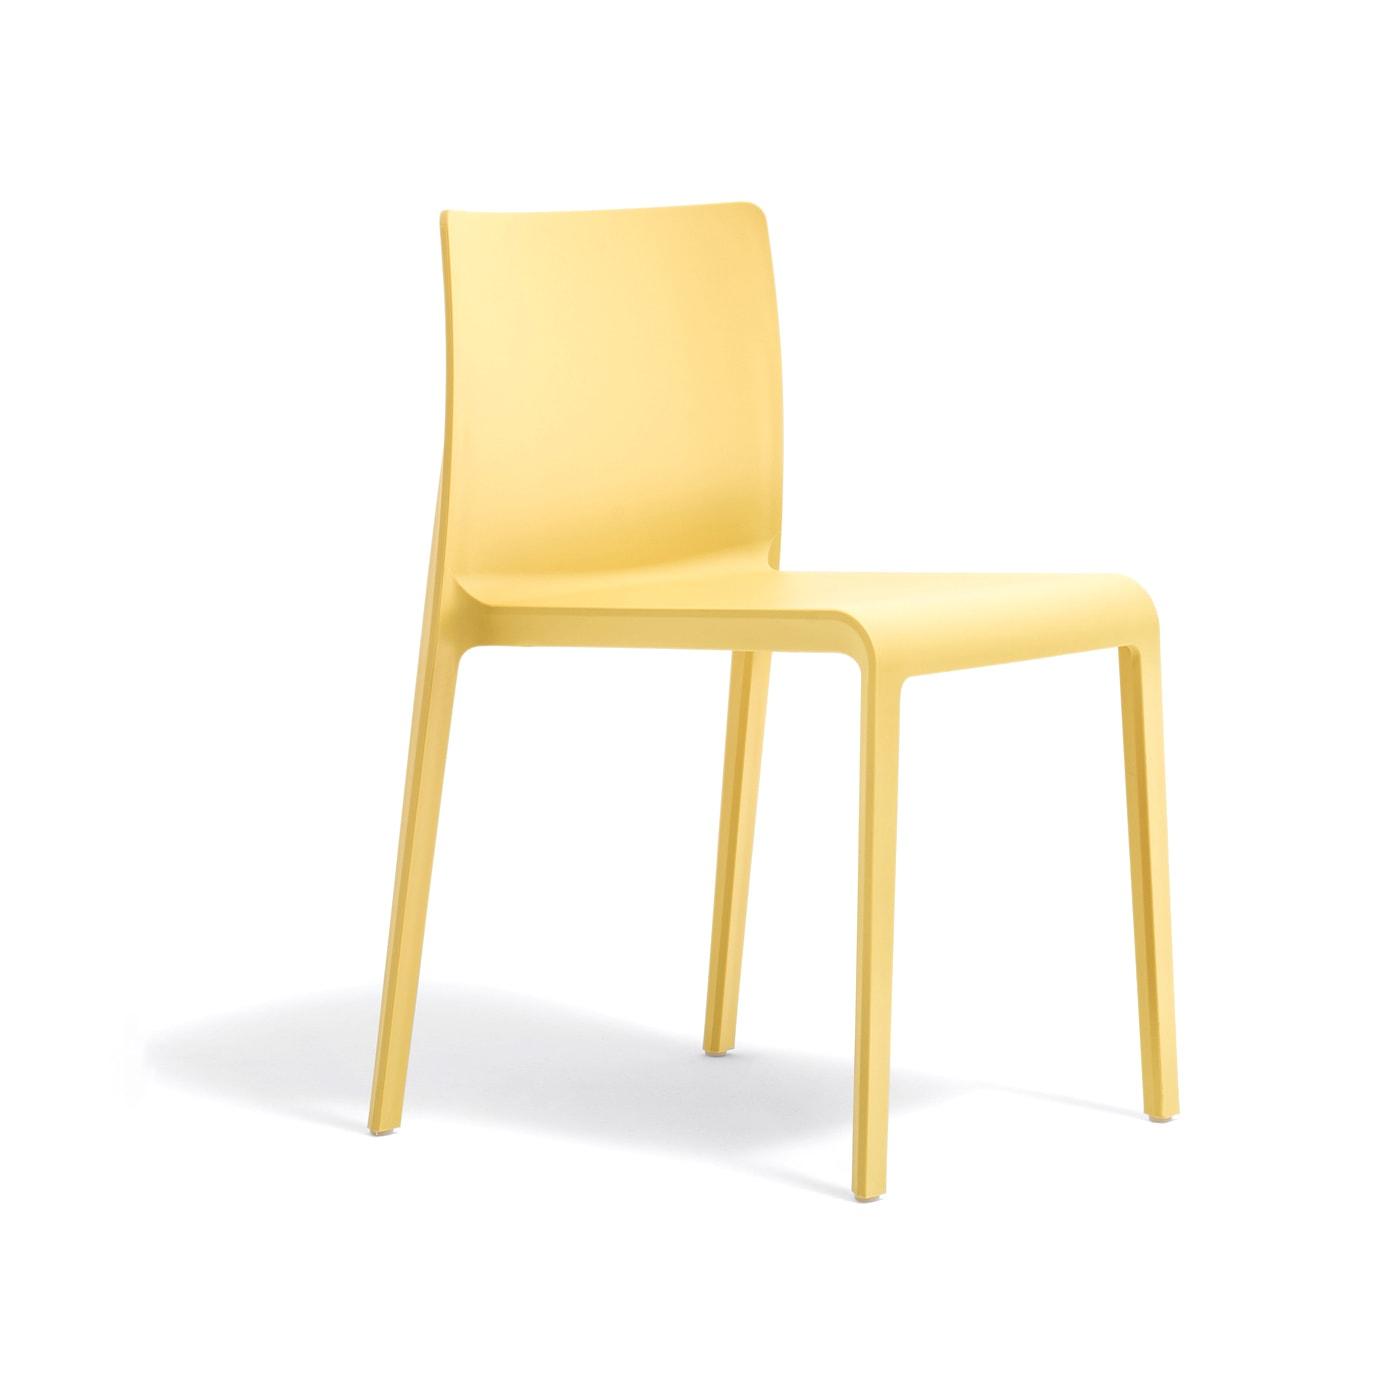 PEDRALI Volt sedia impilabile